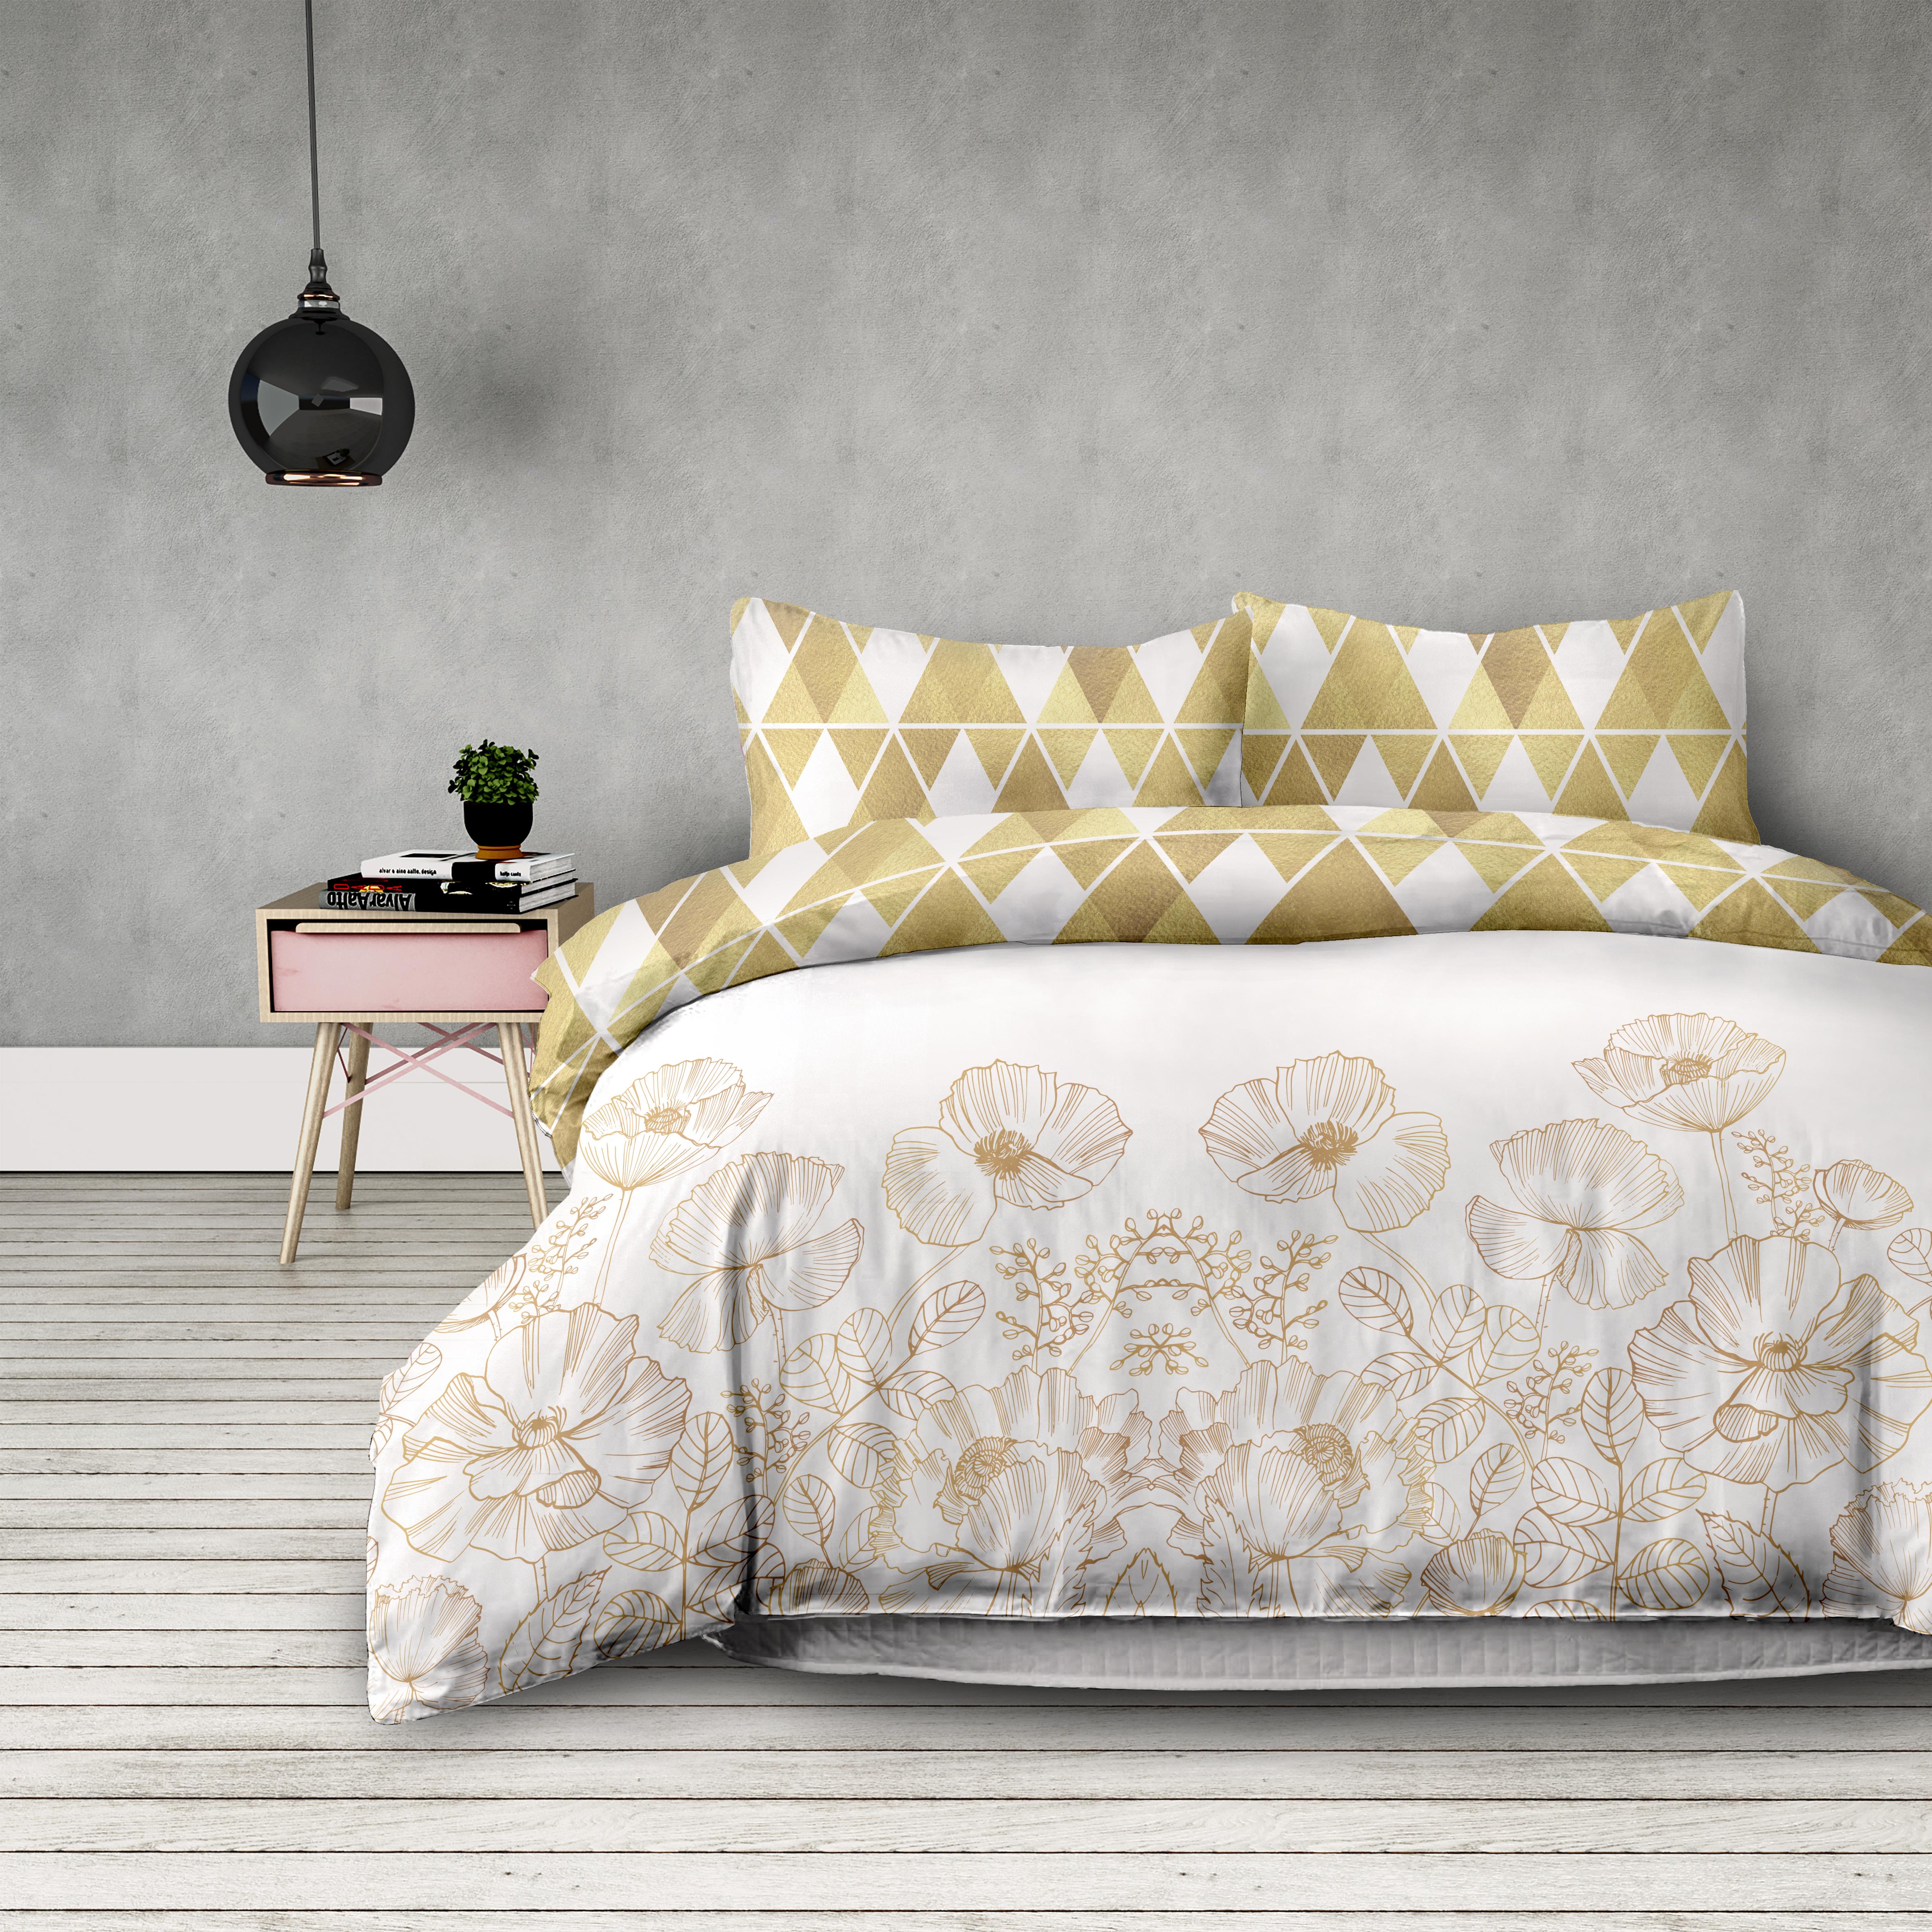 BETTWÄSCHE 200x200 cm Flanell Bettbezug Kissenbezug doppelseitig    Förderung